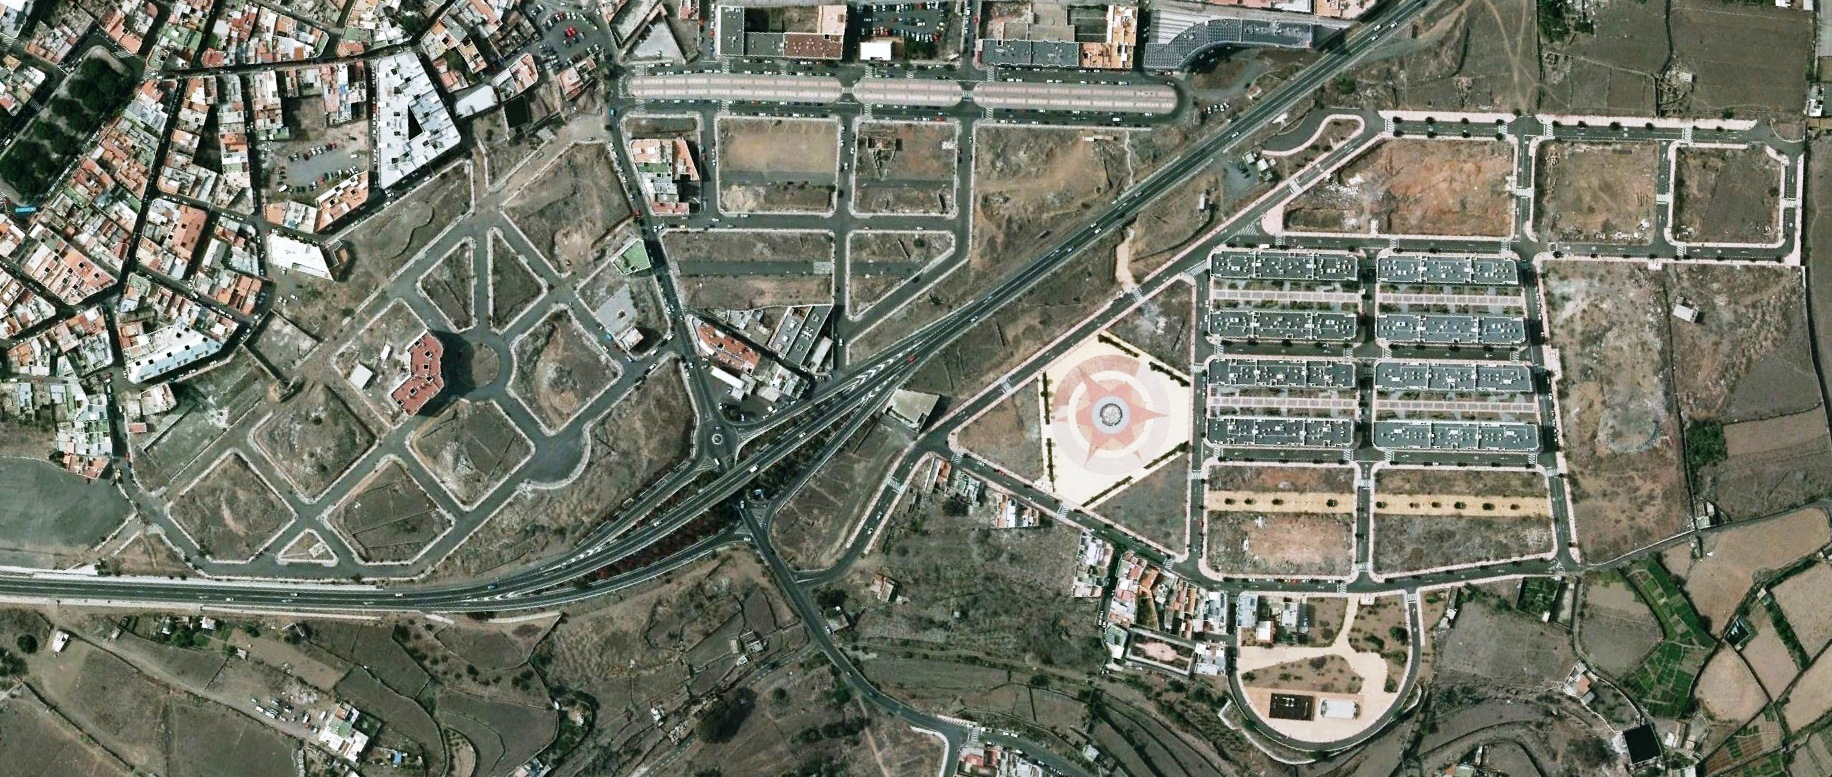 después, urbanismo, foto aérea,desastre, urbanístico, planeamiento, urbano, construcción,Telde, Las Palmas